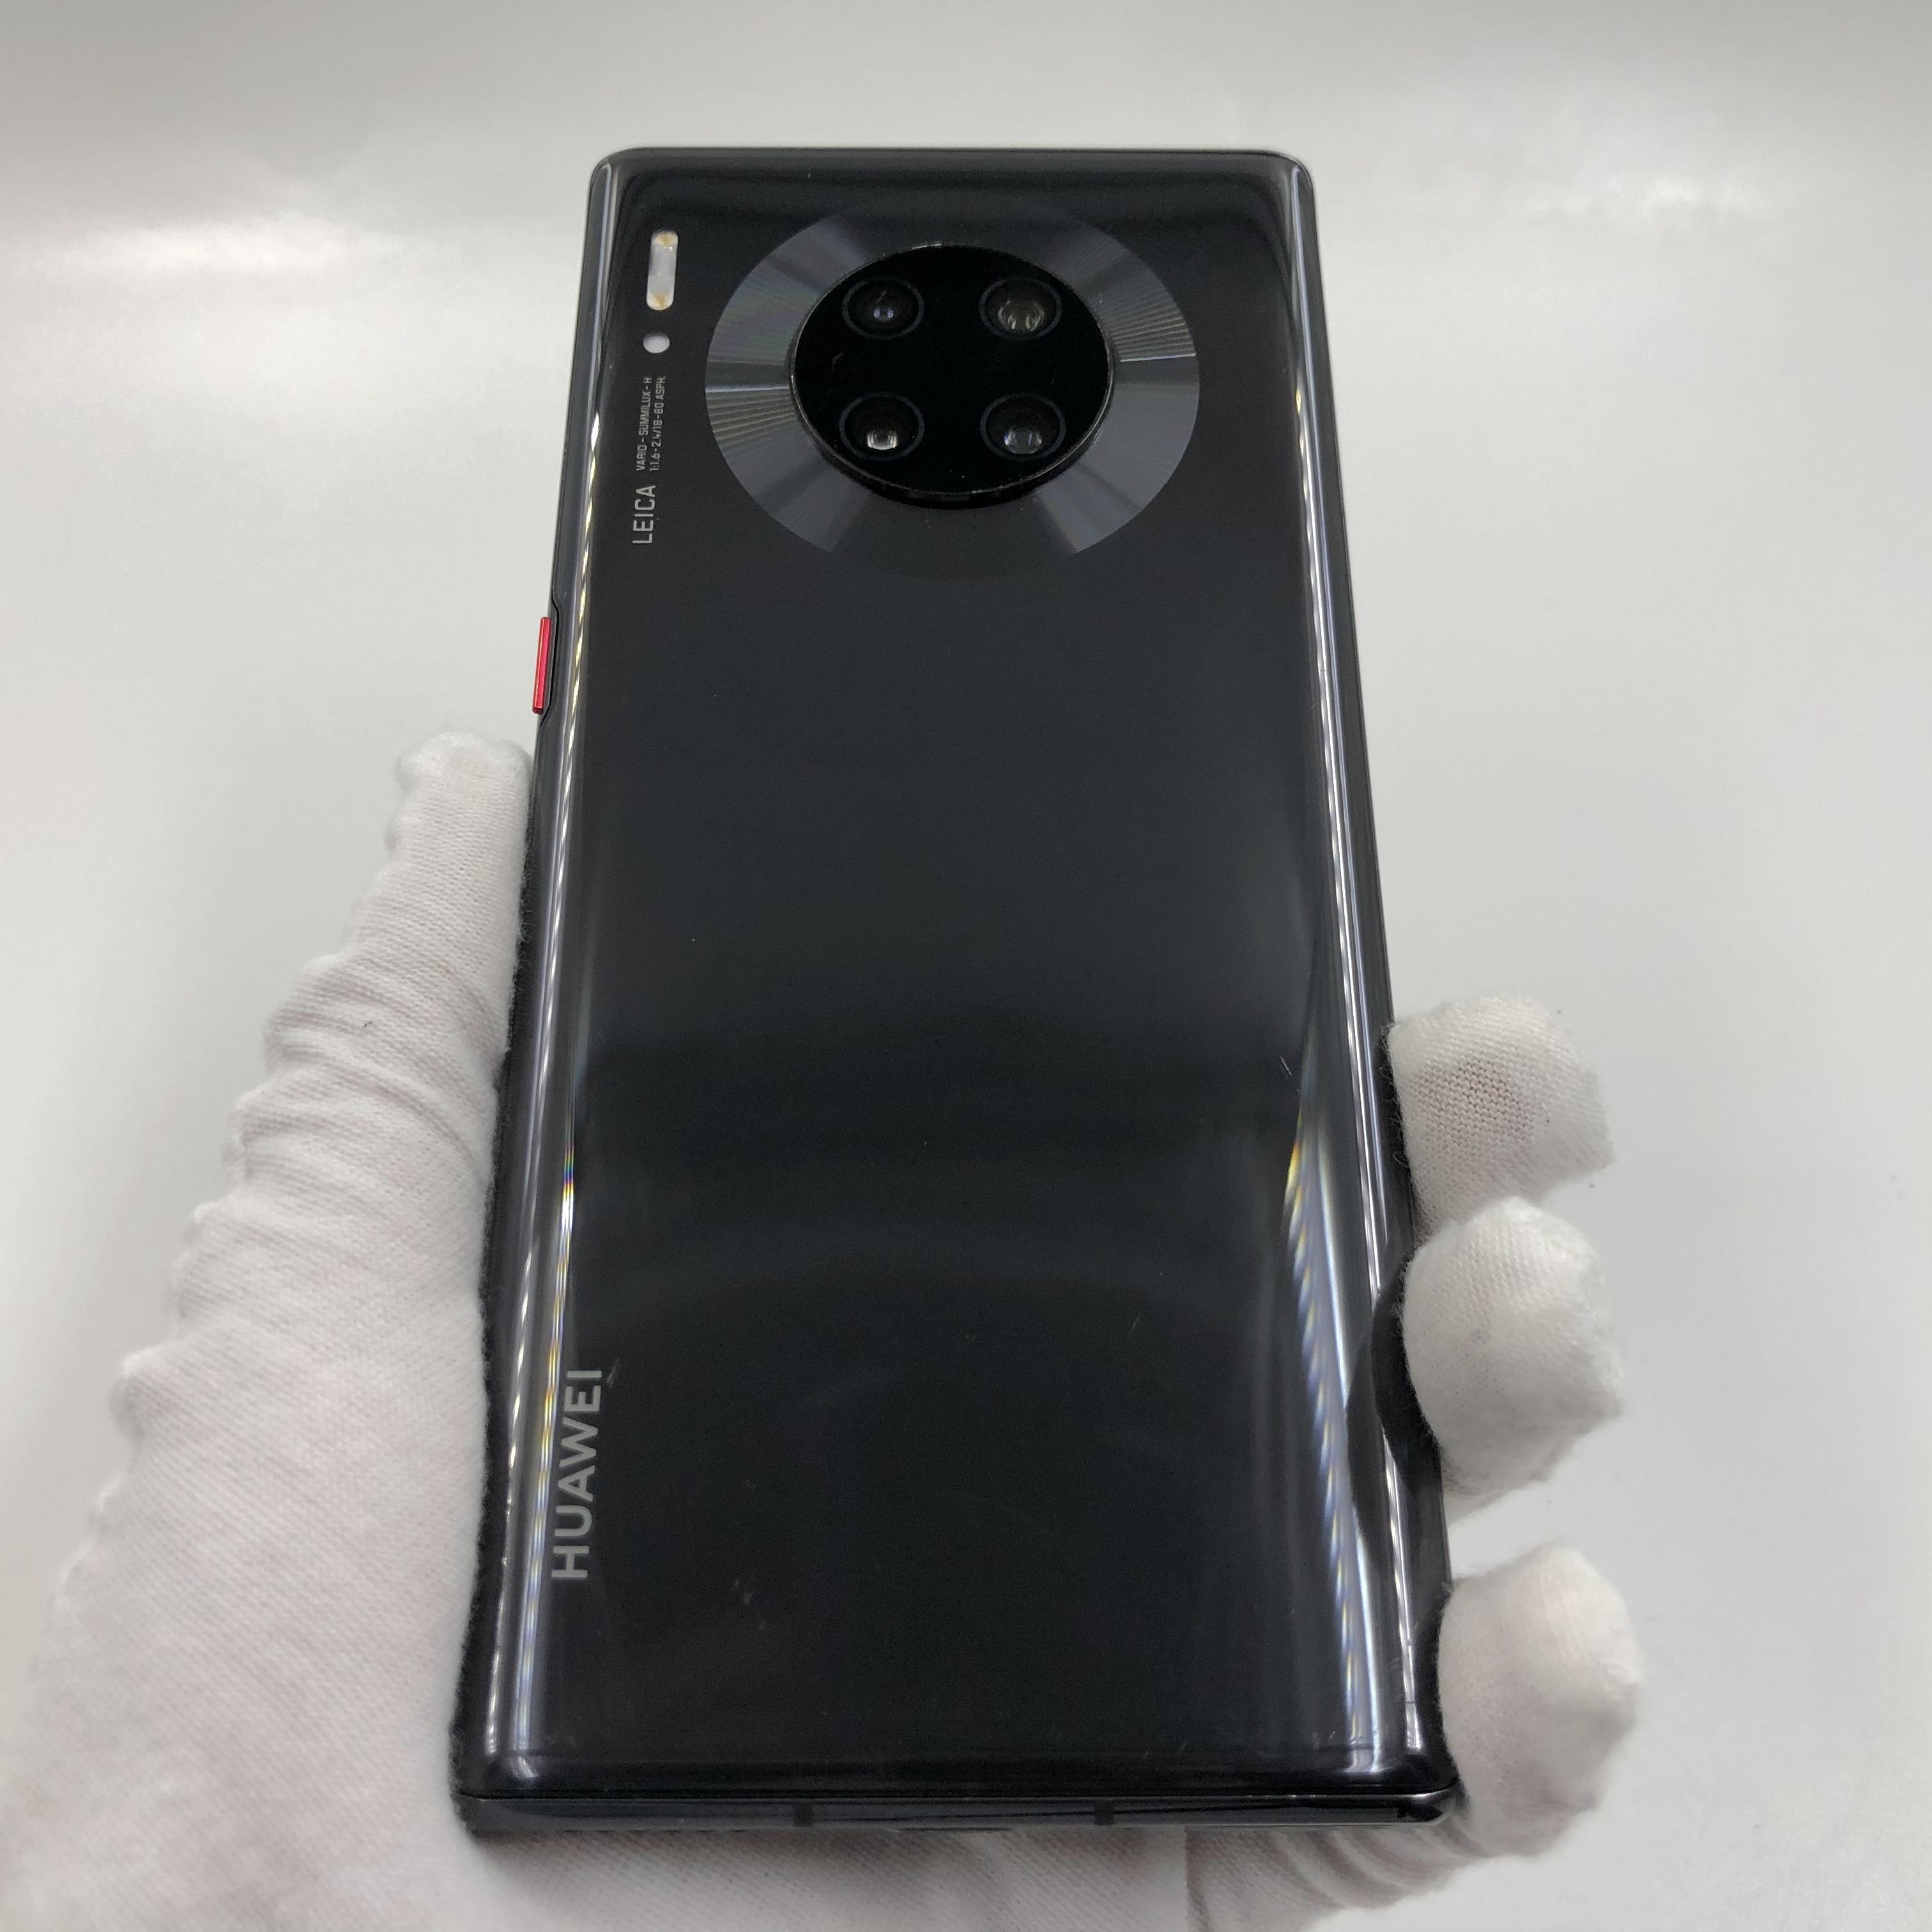 华为【Mate 30 Pro 5G】5G全网通 亮黑色 8G/256G 国行 8成新 真机实拍